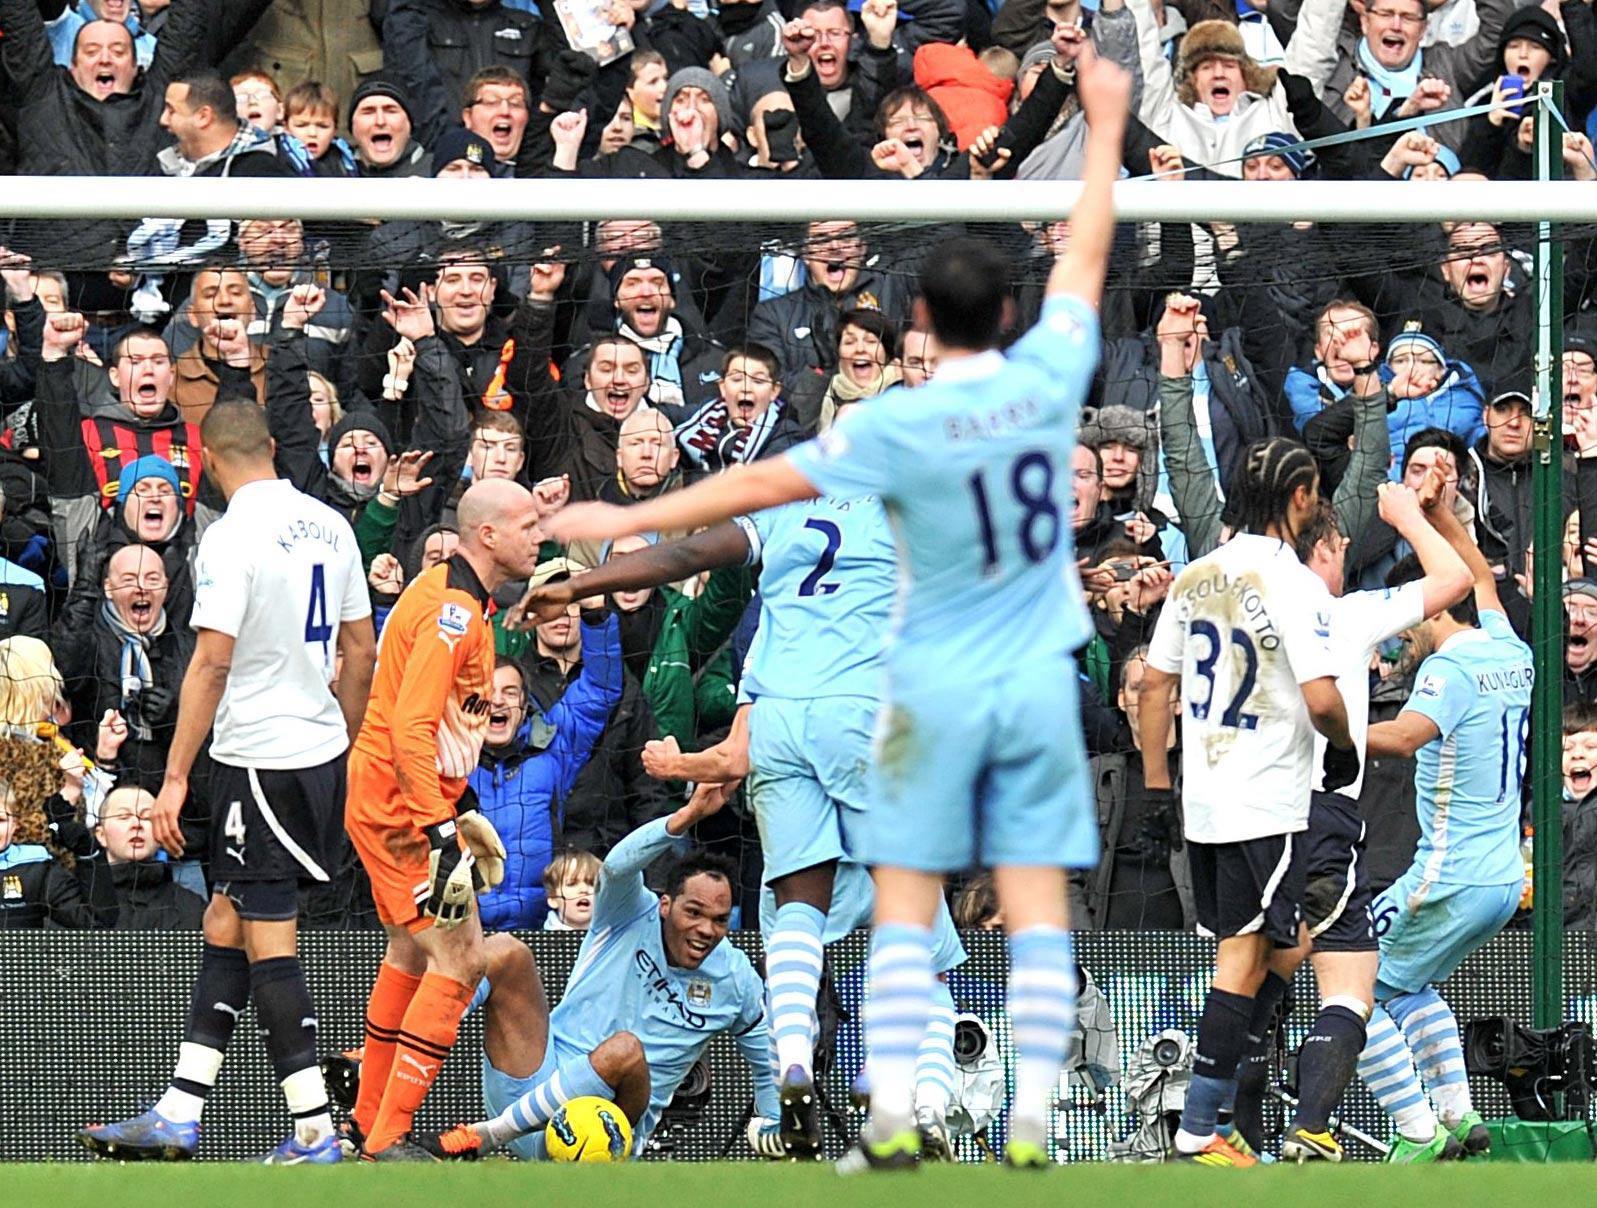 33960 - Milner hails 'massive' win for Man City